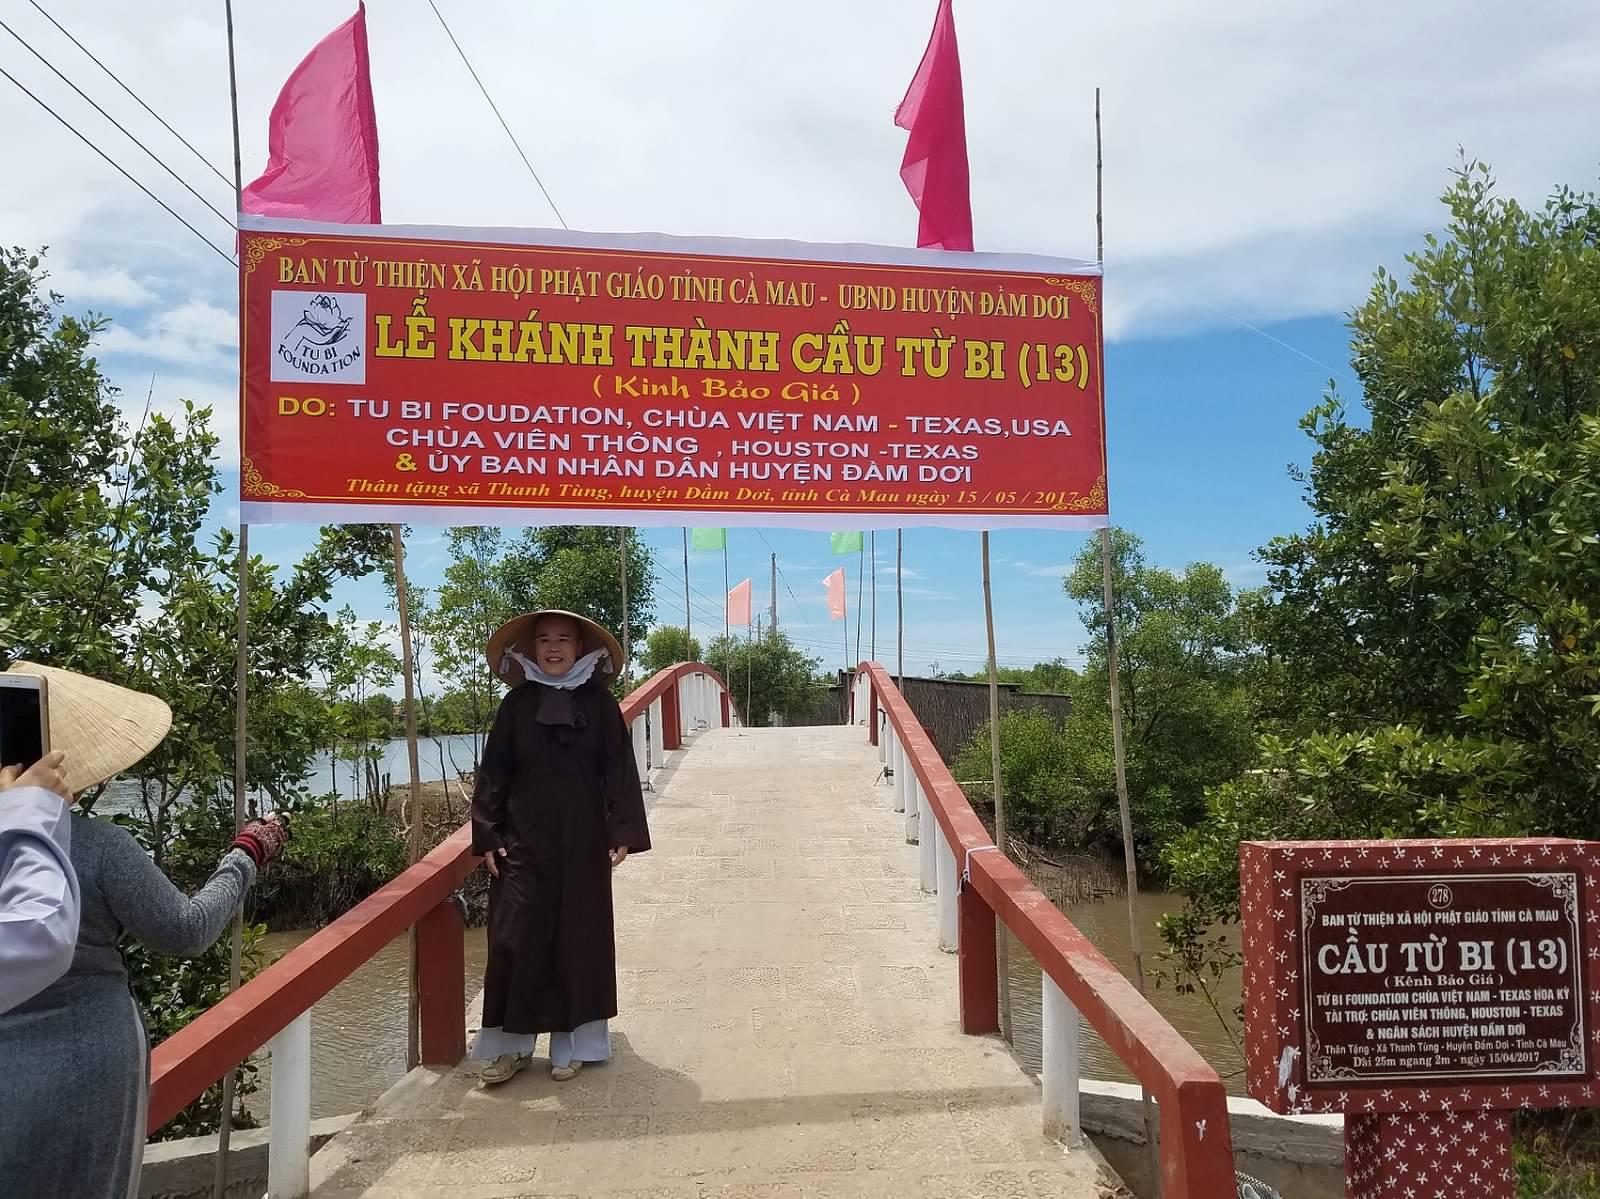 Cau Tu Bi 13 - Vien Thong (36)